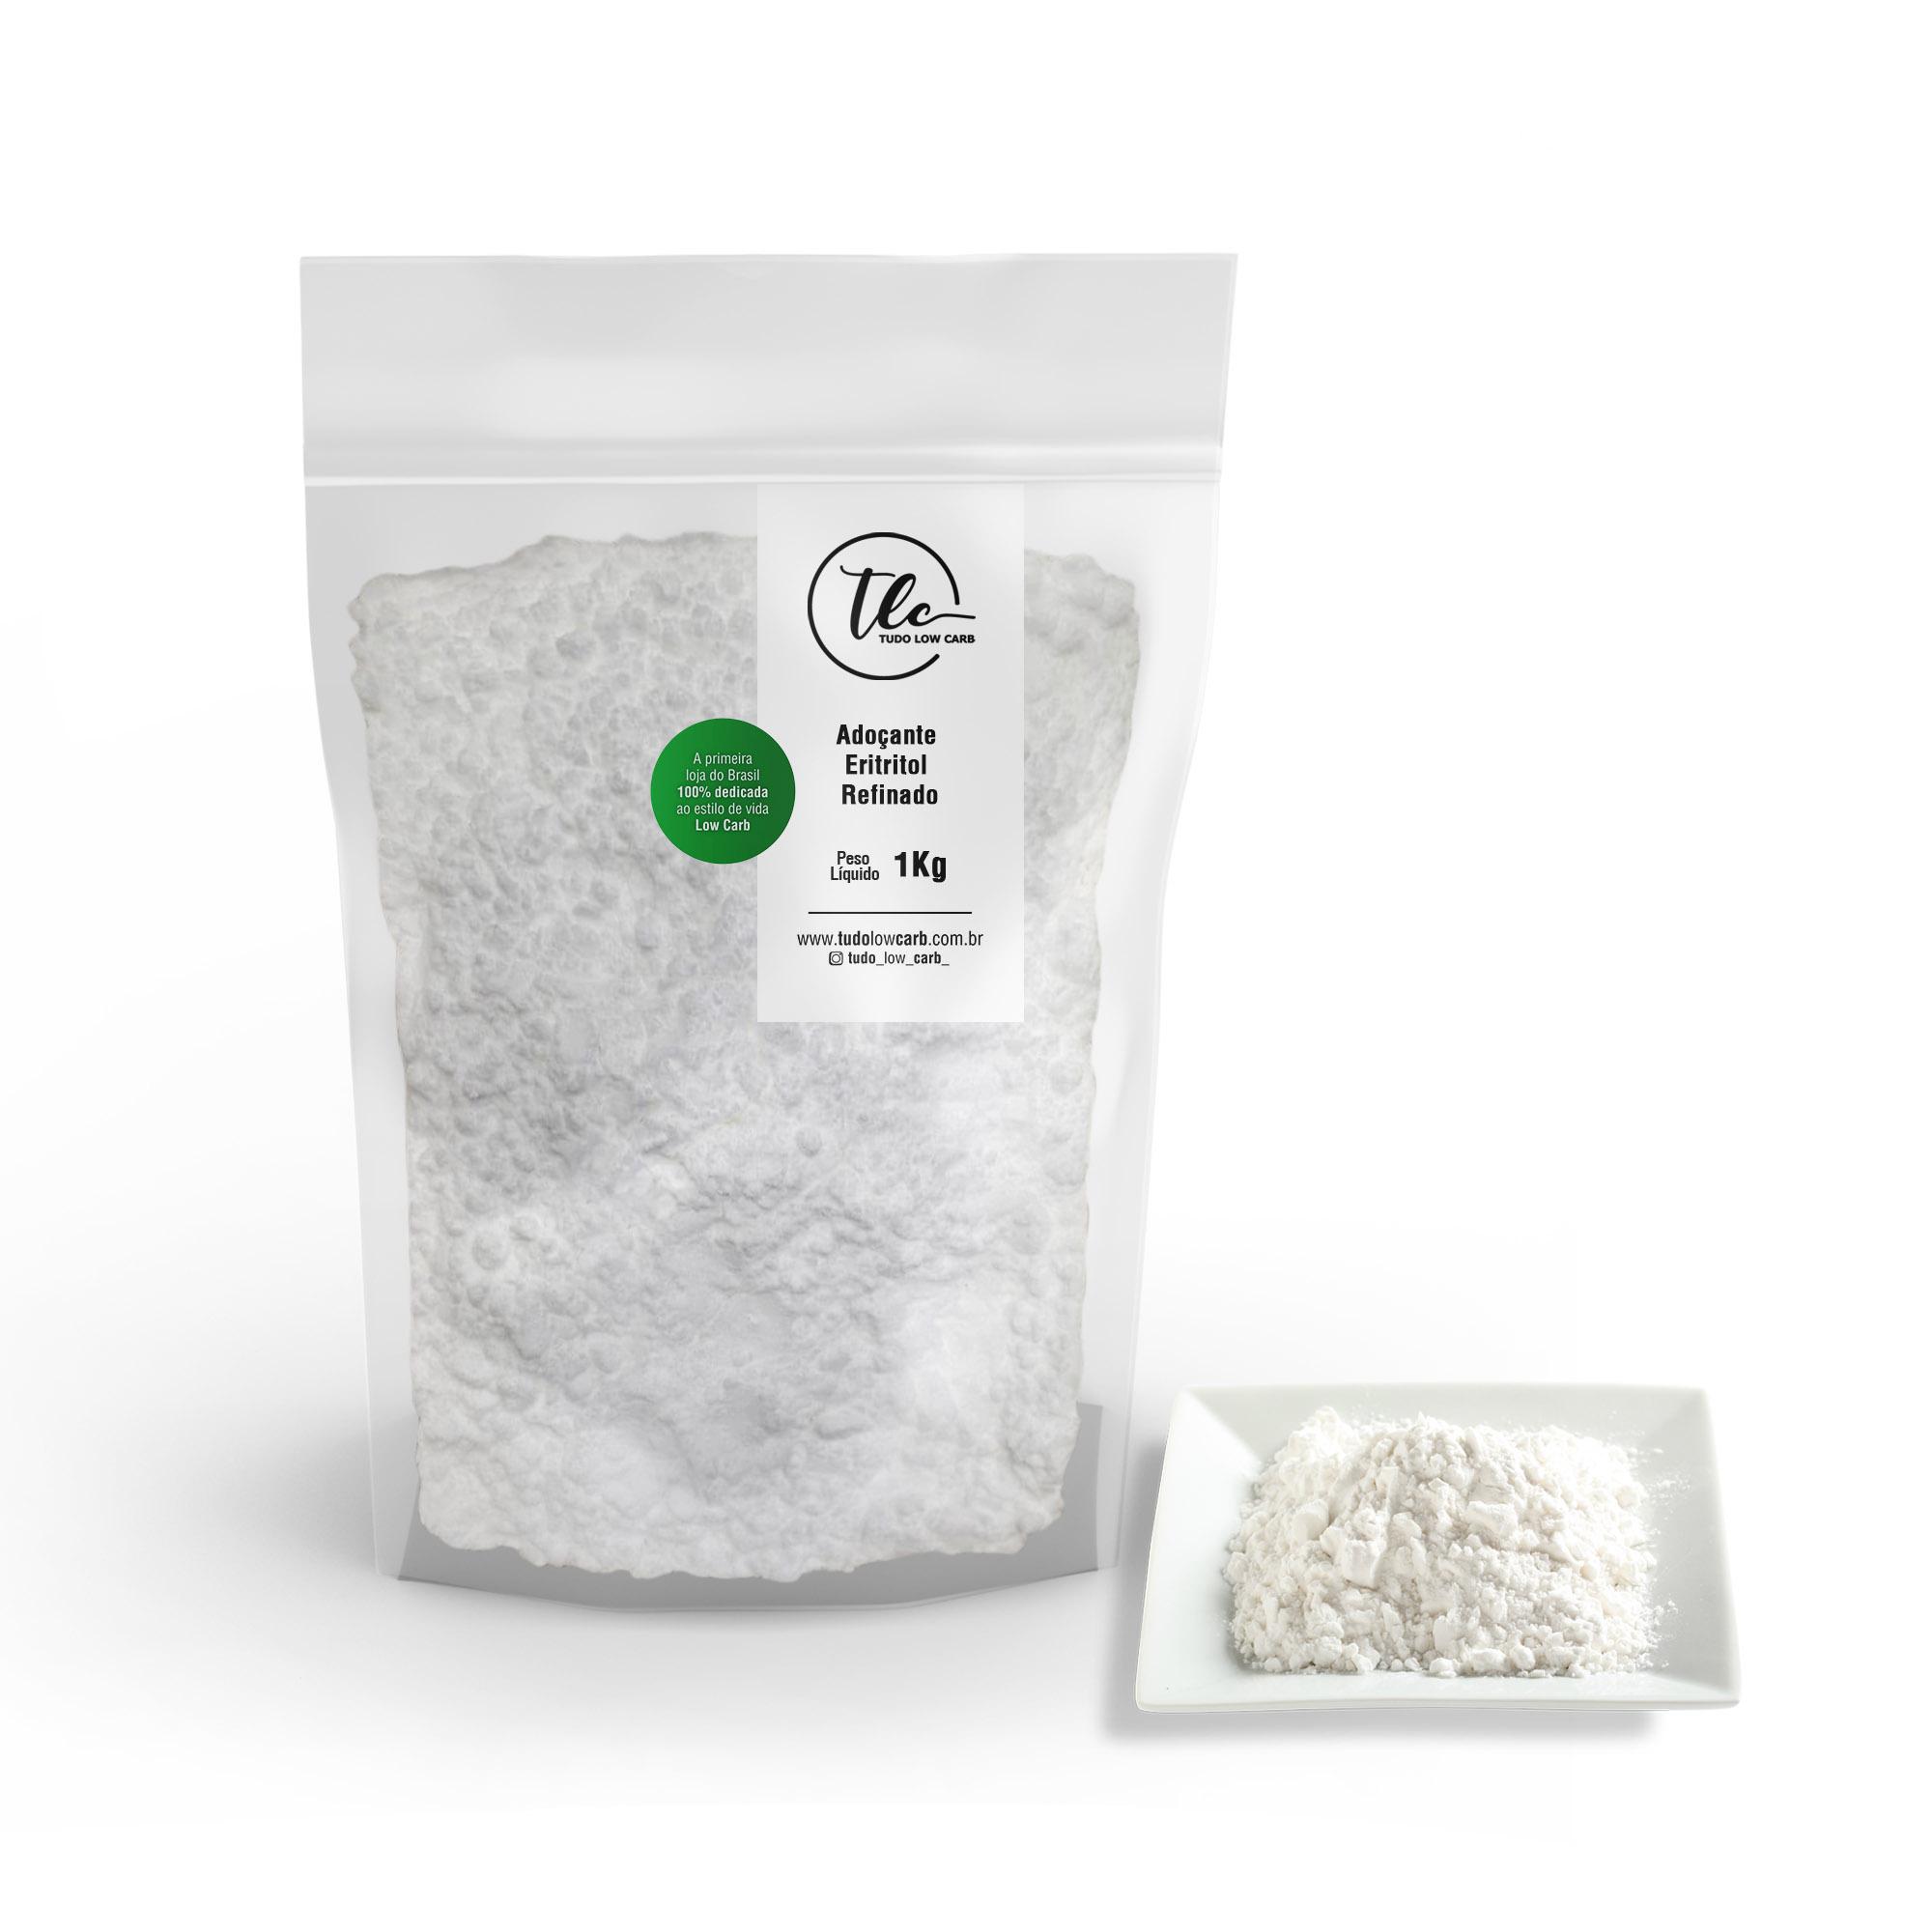 Adoçante Eritritol Refinado 1 kg  - TLC Tudo Low Carb